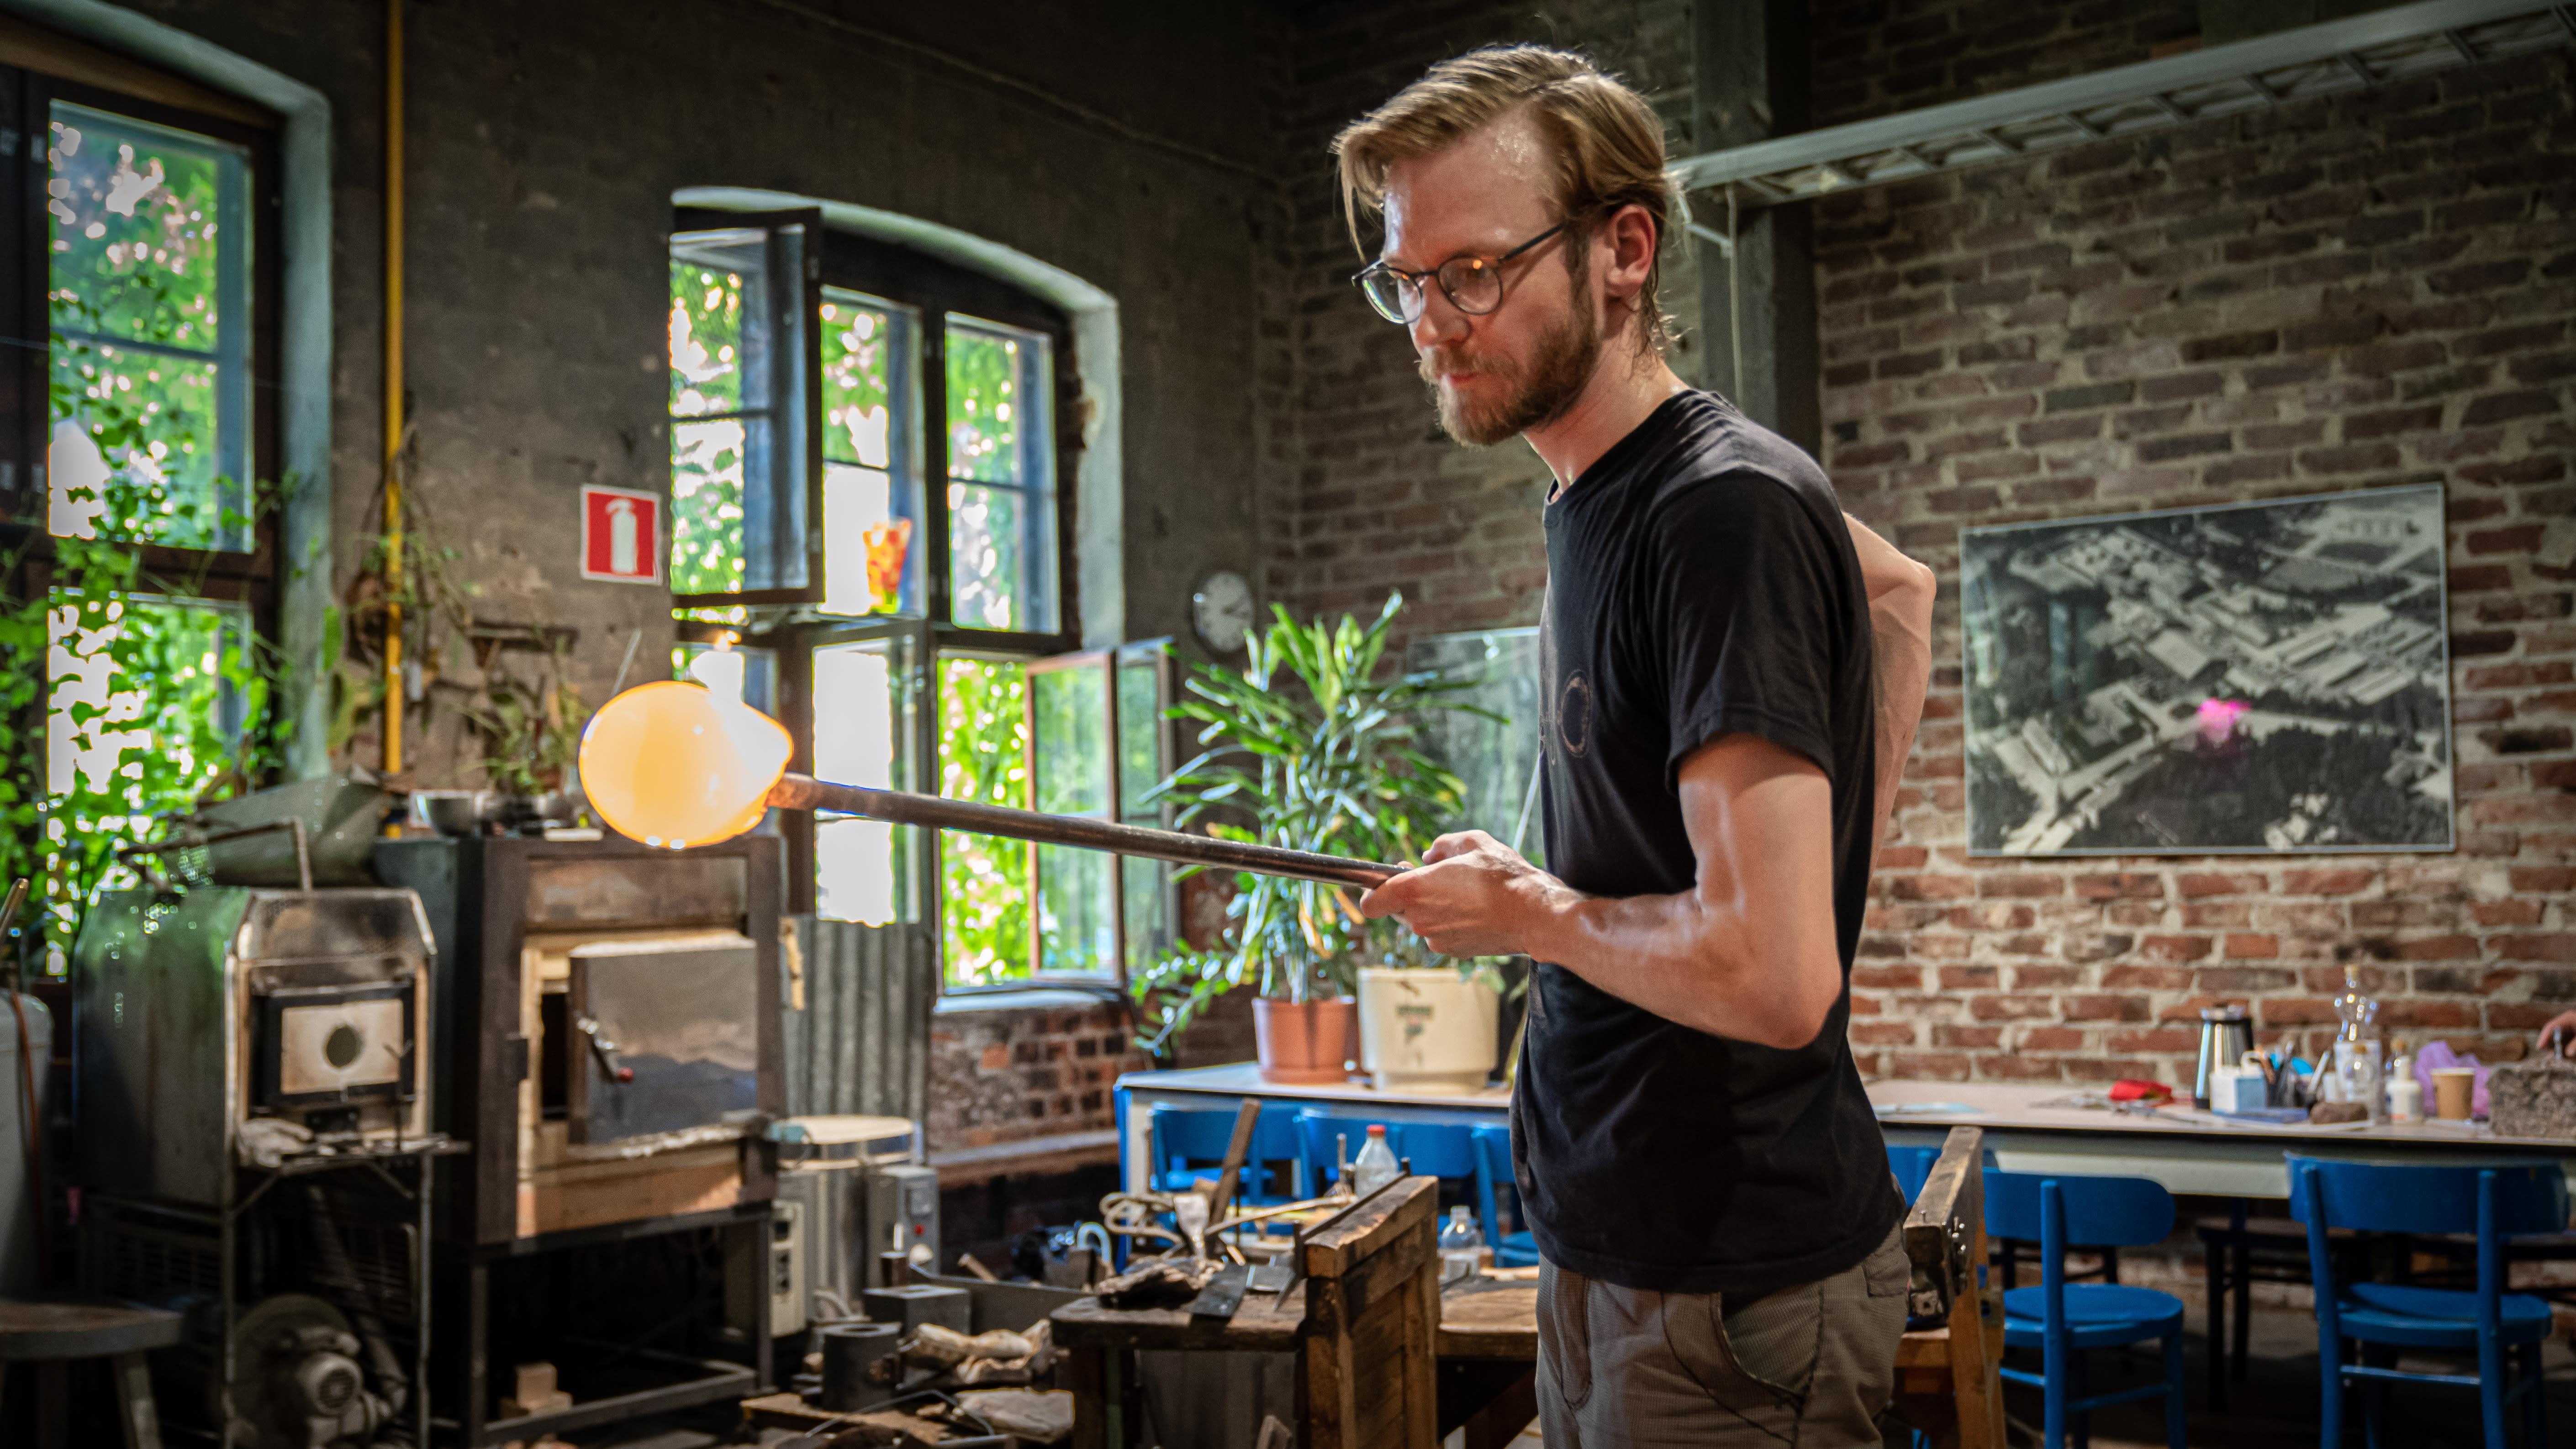 Suomi ajaa lasinpuhallusta Unescon aineettoman kulttuuriperinnön luetteloon